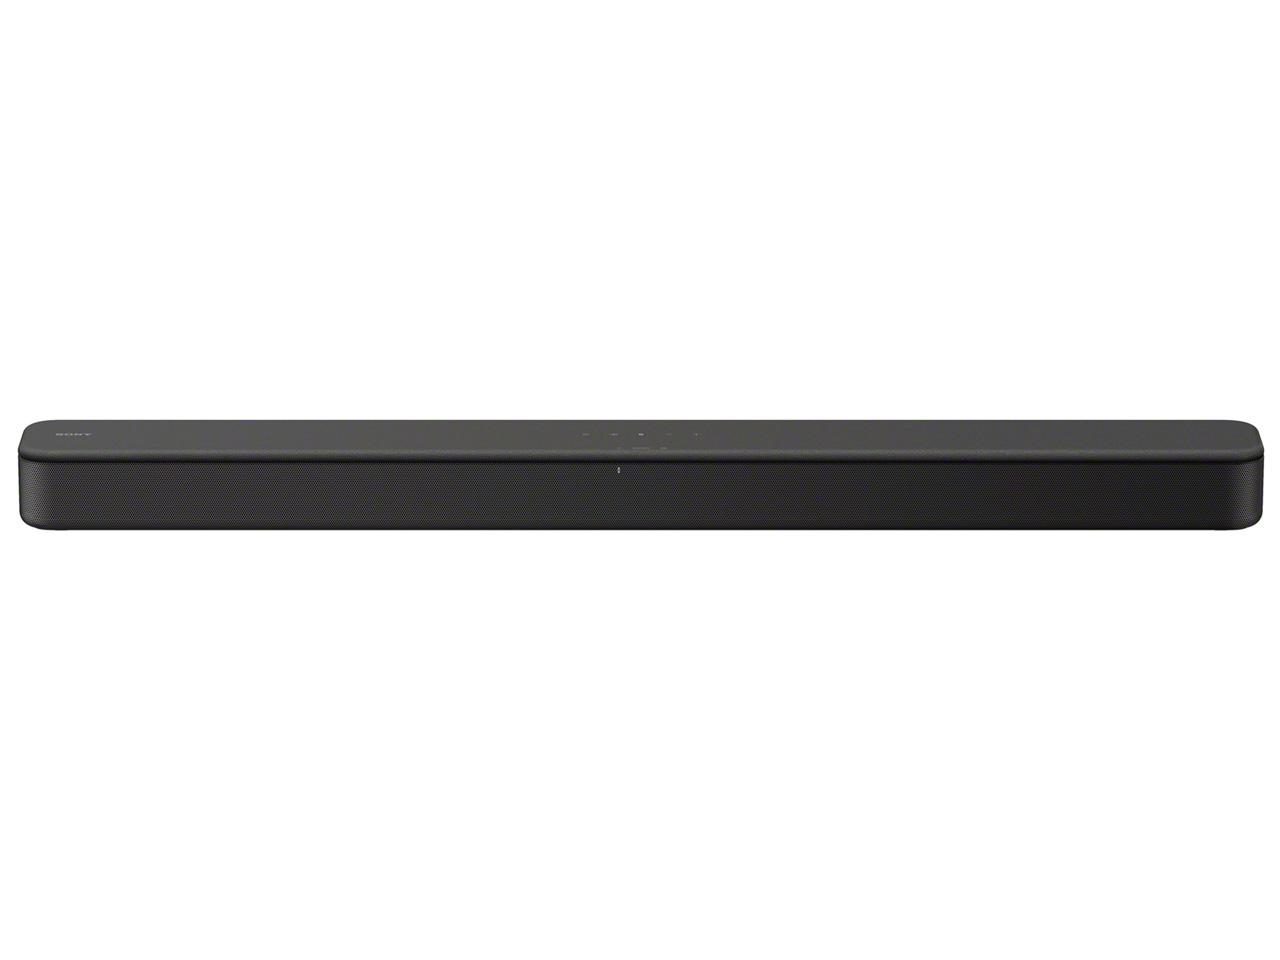 ソニー ホームシアターシステム HT-S100F